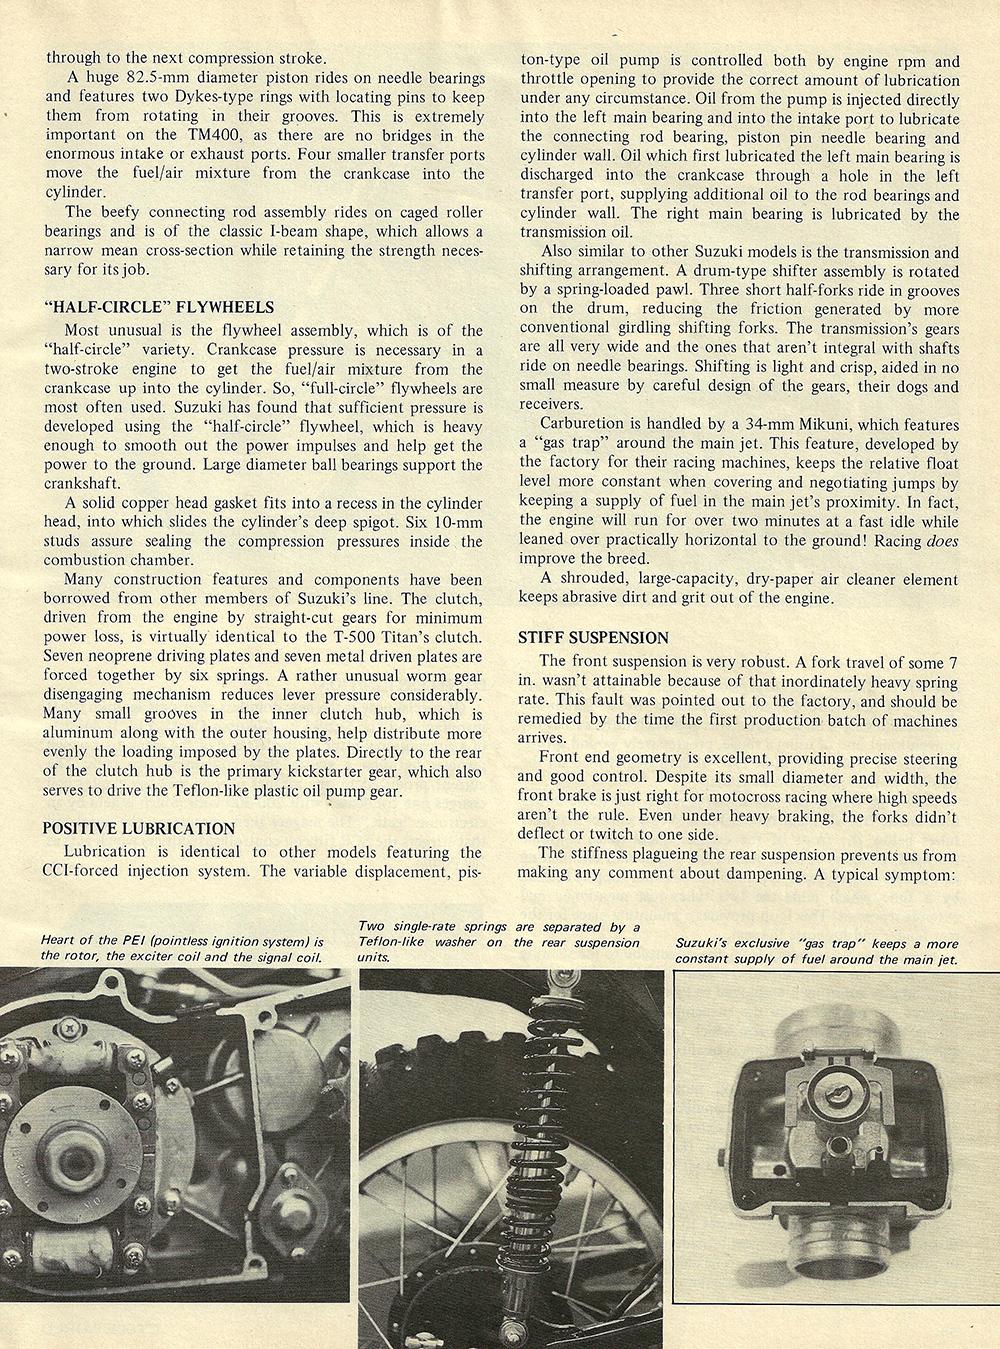 1971 Suzuki TM400R road test 03.jpg